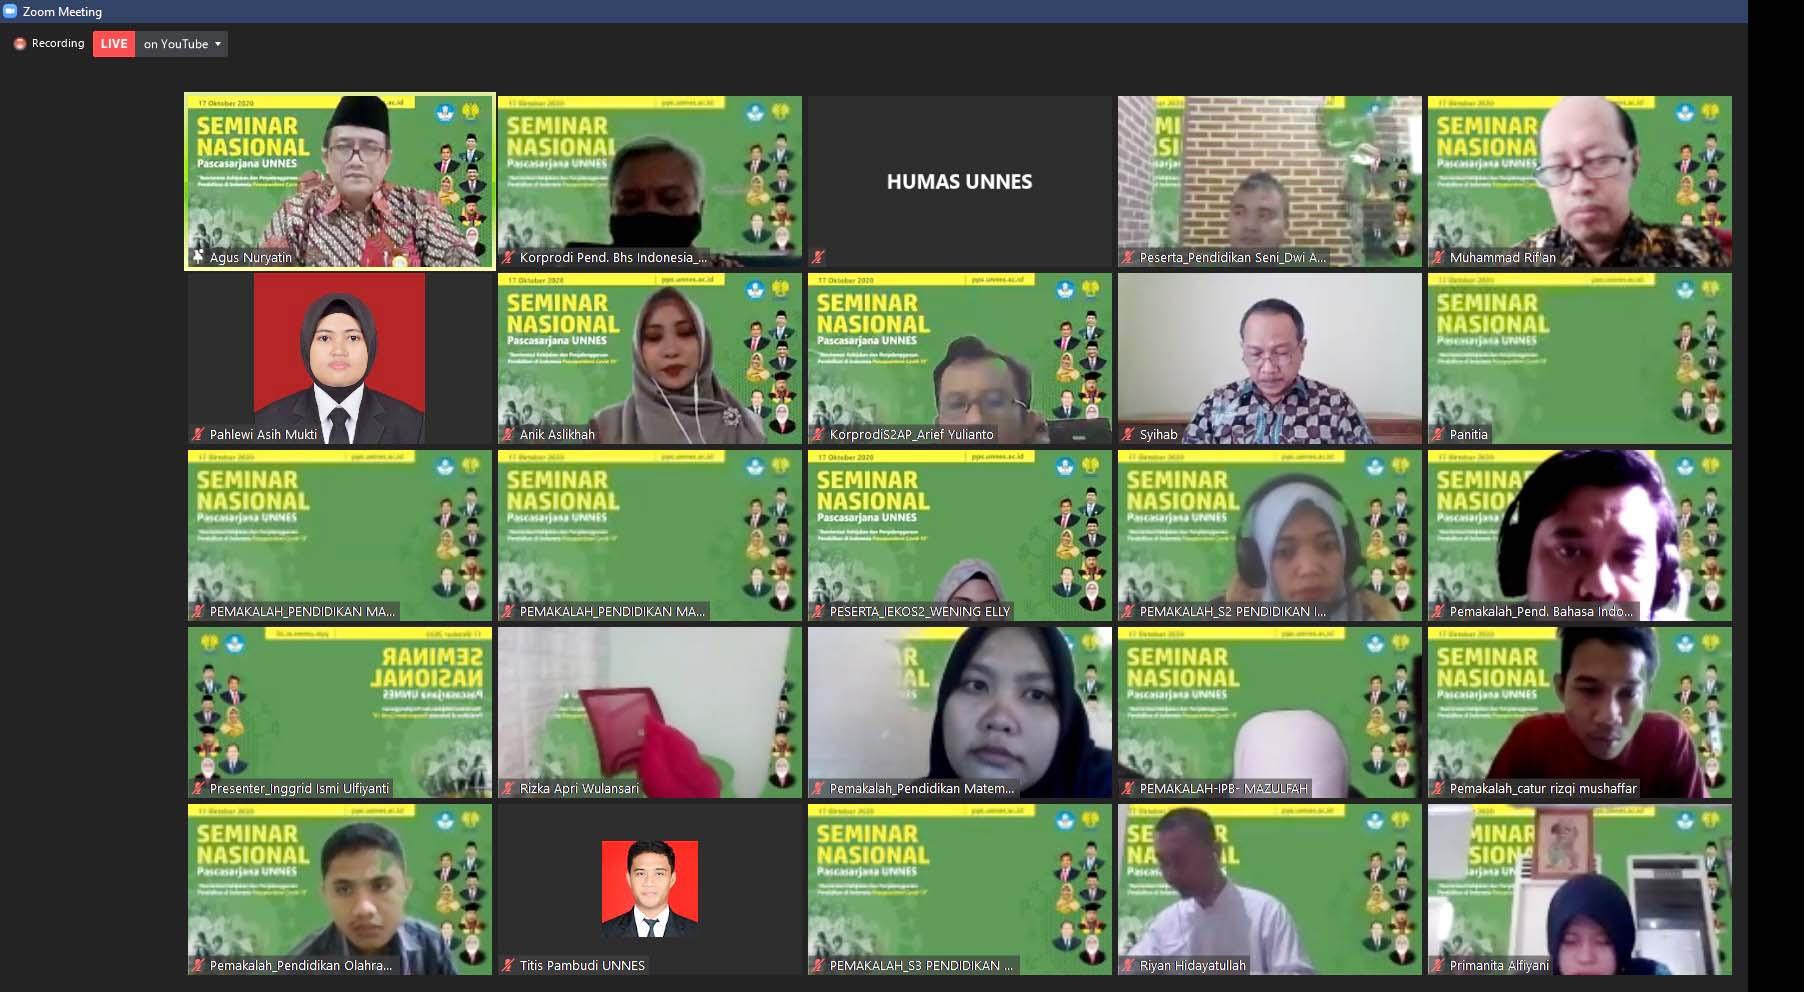 Webminar Pasca Sarjana : Reorientasi Kebijakan dan Penyelenggaraan Pendidikan di Indonesia Pasca Pandemi Covid 19